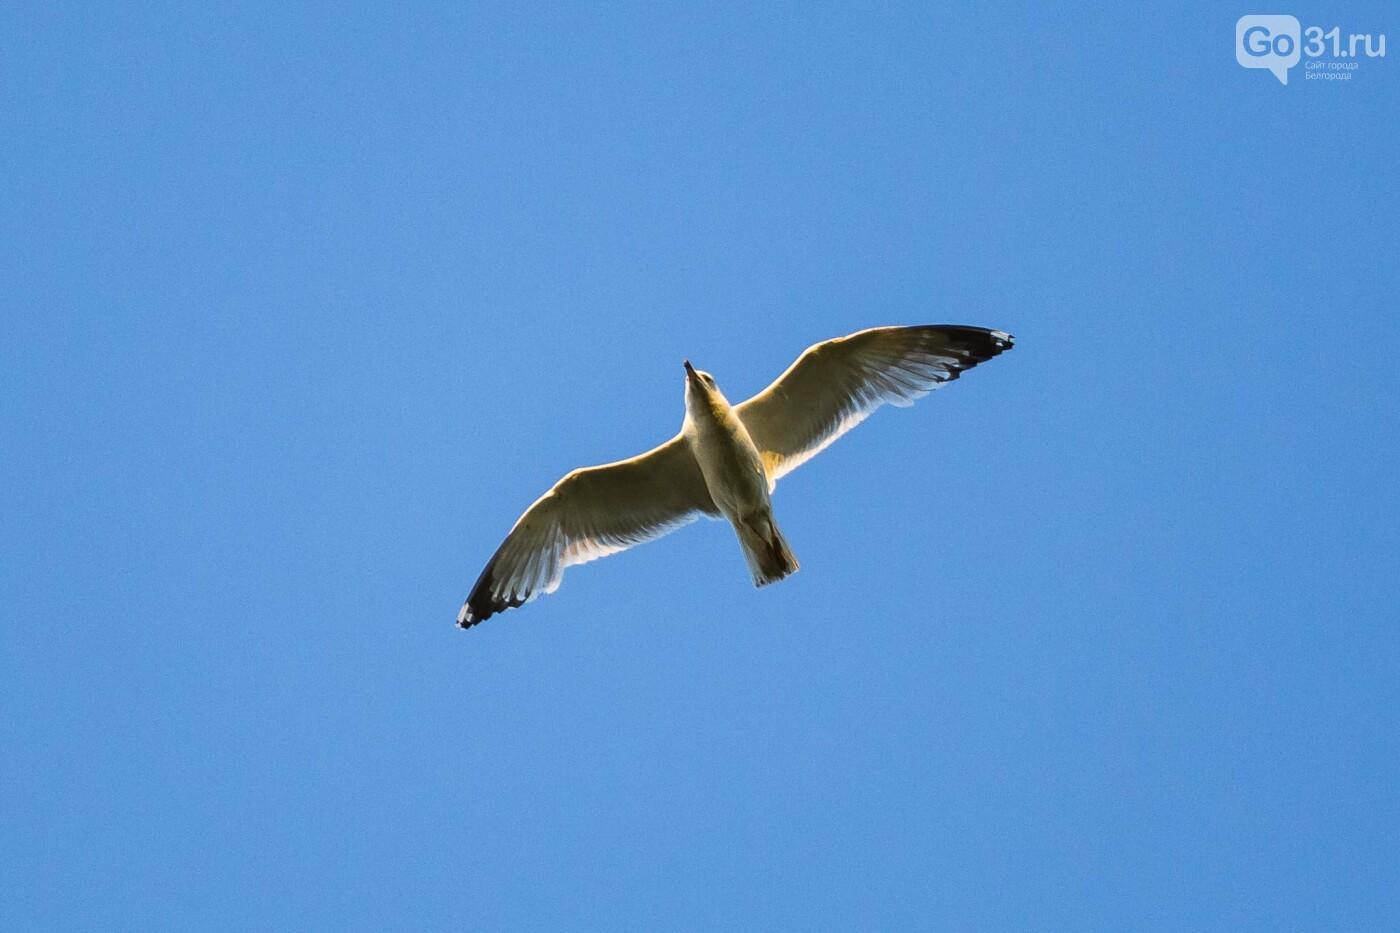 Пролетая над озером. В Белгороде чайки выбрали удобное место обитания, фото-32, Фото: Антон Вергун